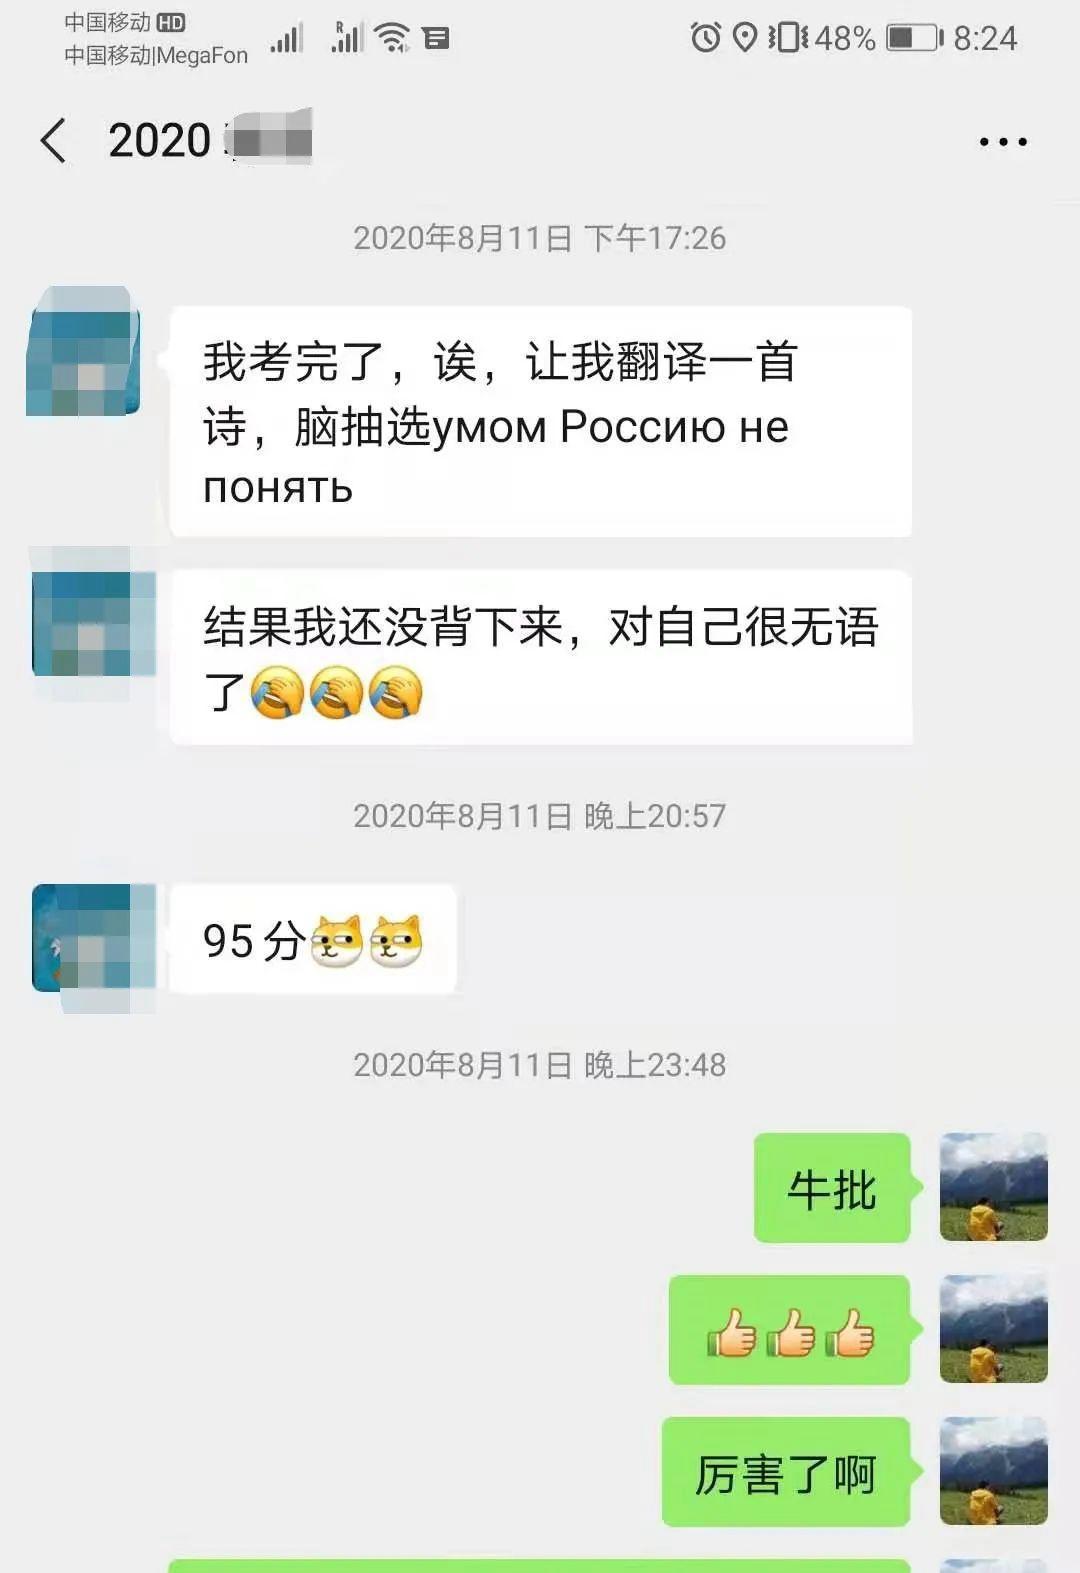 和学生的微信沟通记录 俄罗斯大学生 俄罗斯留学生 高中生俄罗斯留学 俄罗斯留学机构 俄罗斯生活